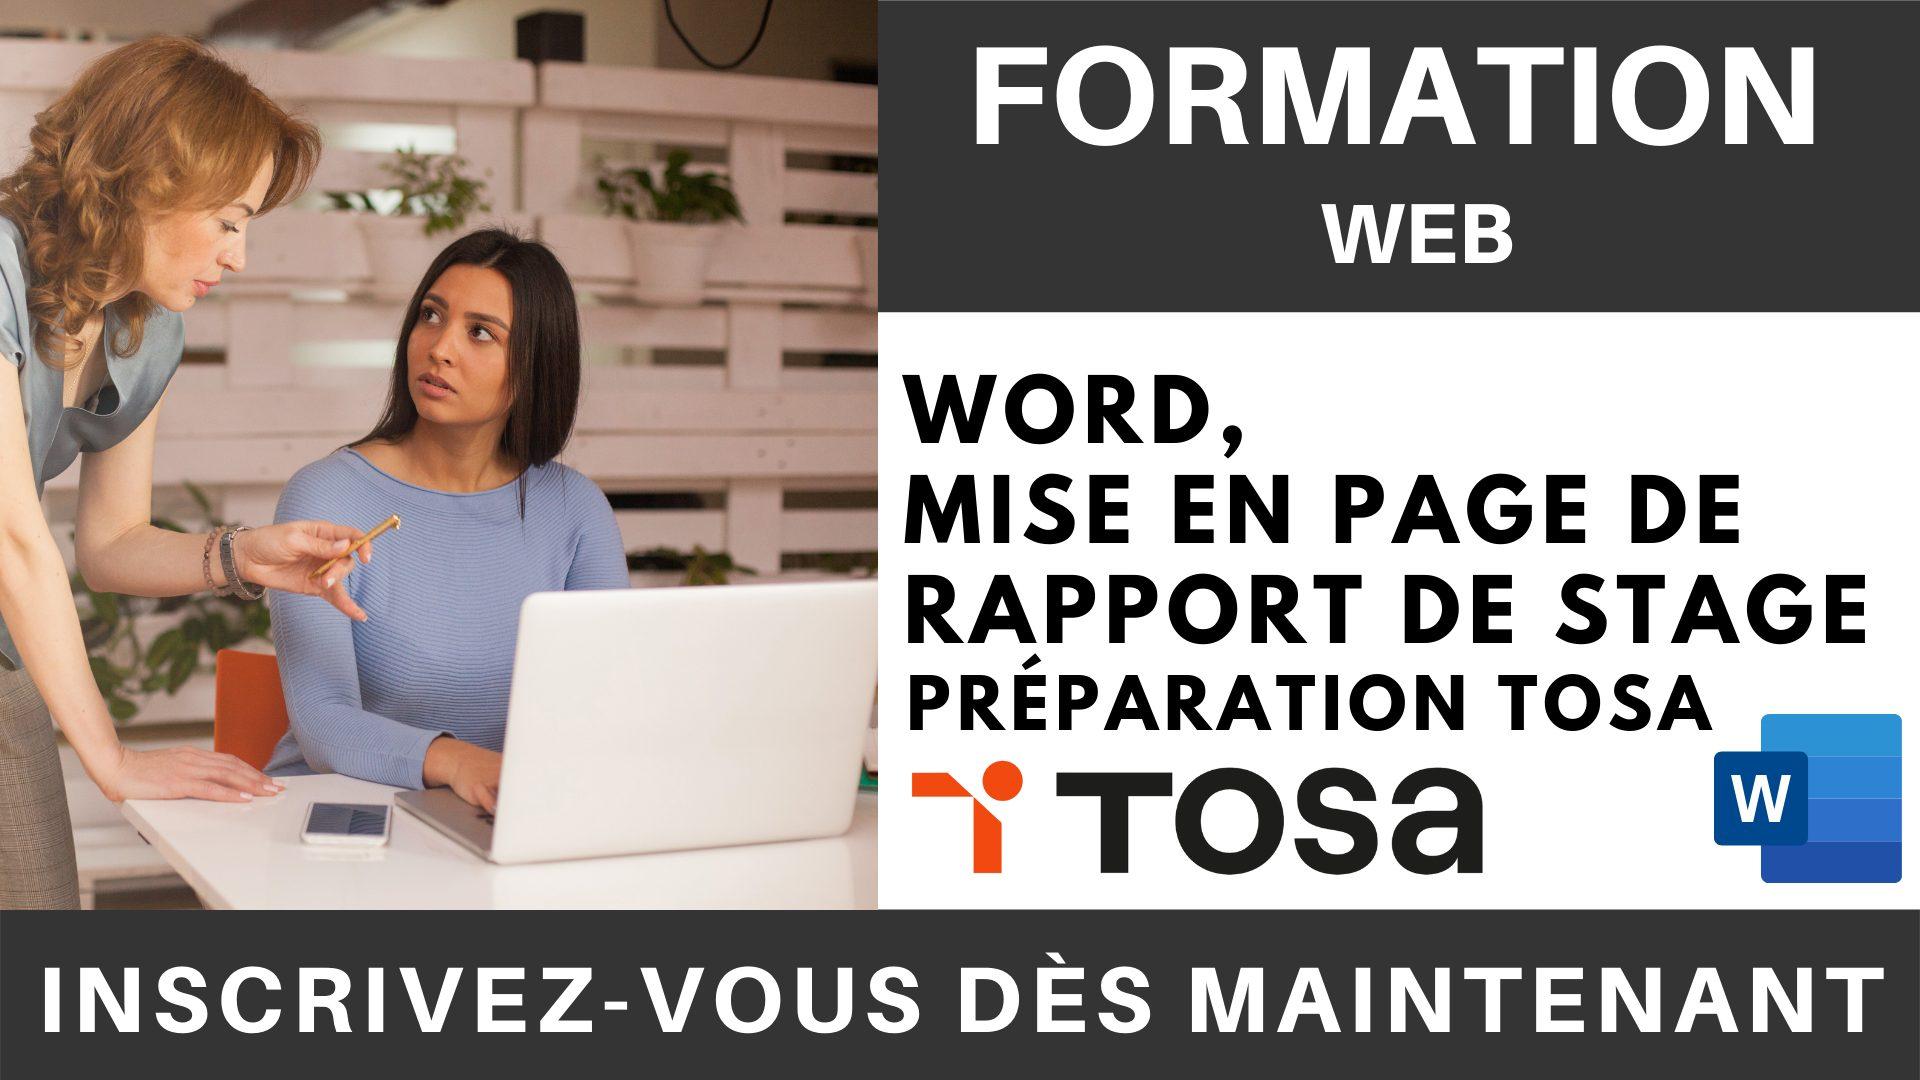 Formation WEB - Word, Mise en page de Rapport de stage - Préparation TOSA